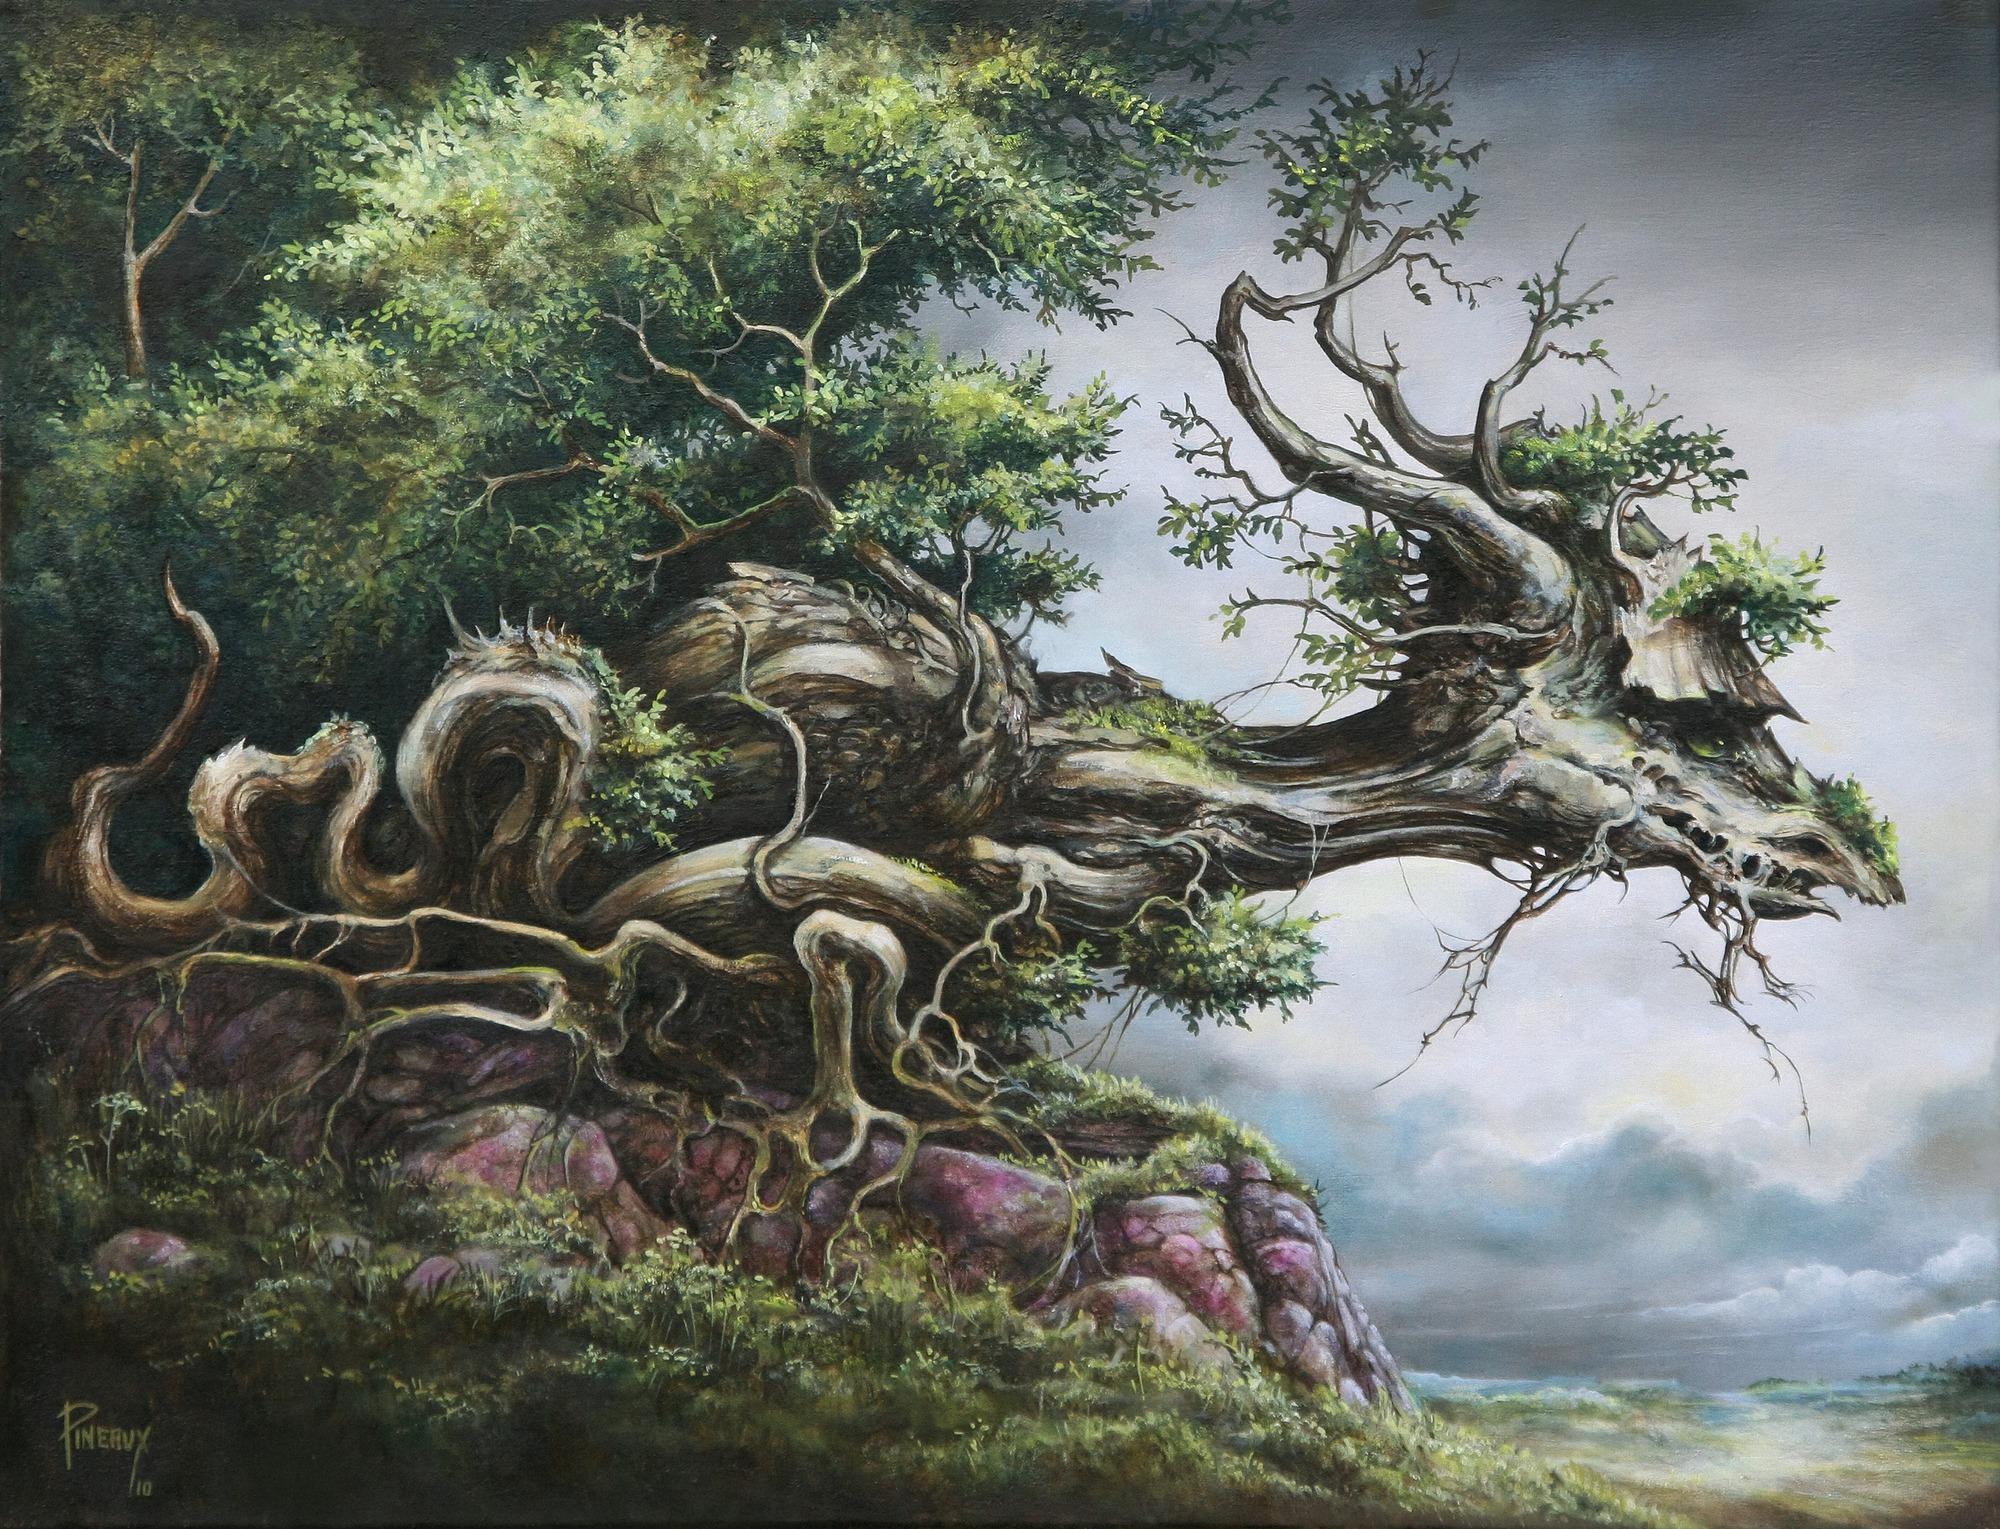 severine pineaux designer wall art murals wallsauce usa dragon tree wallpaper mural